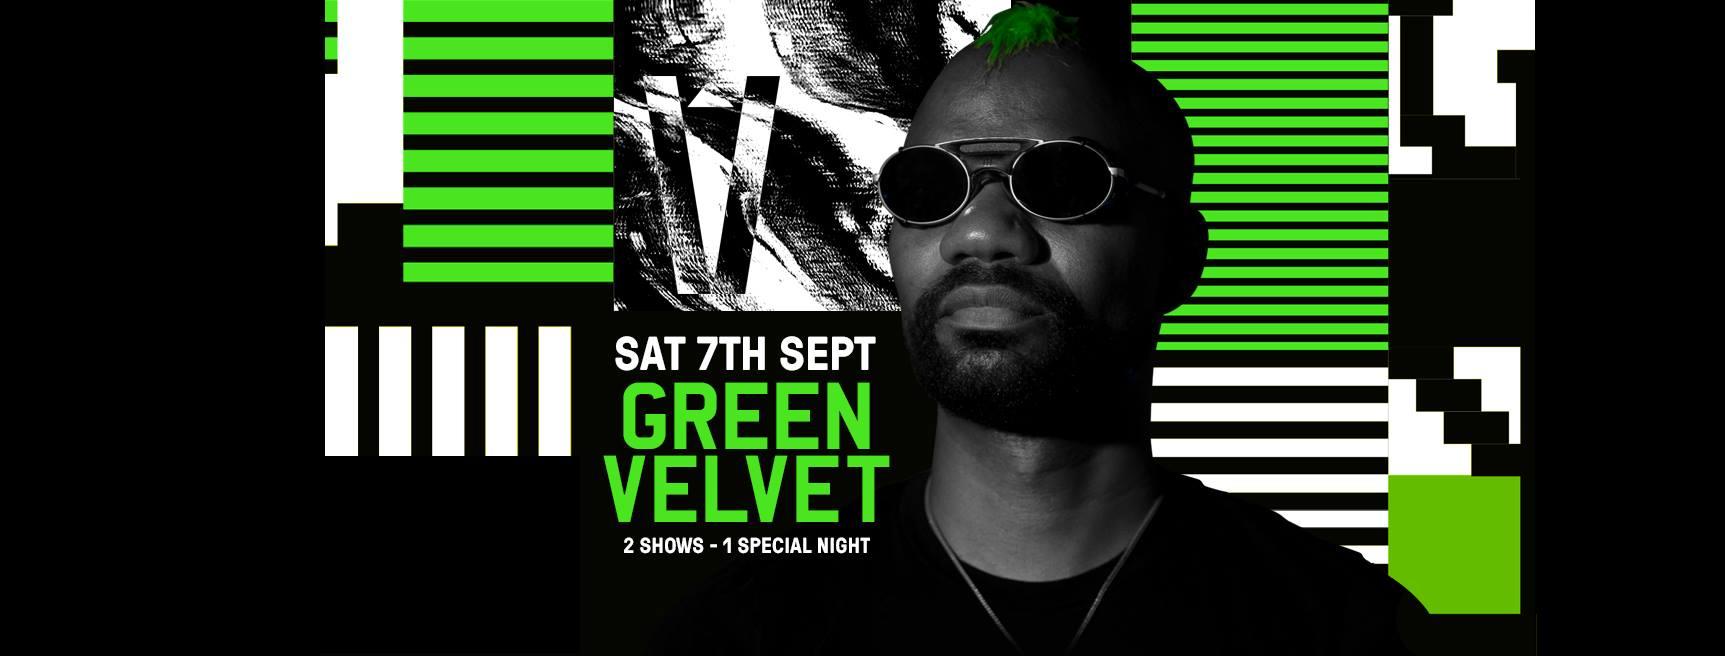 Nightvision - Green Velvet.jpg